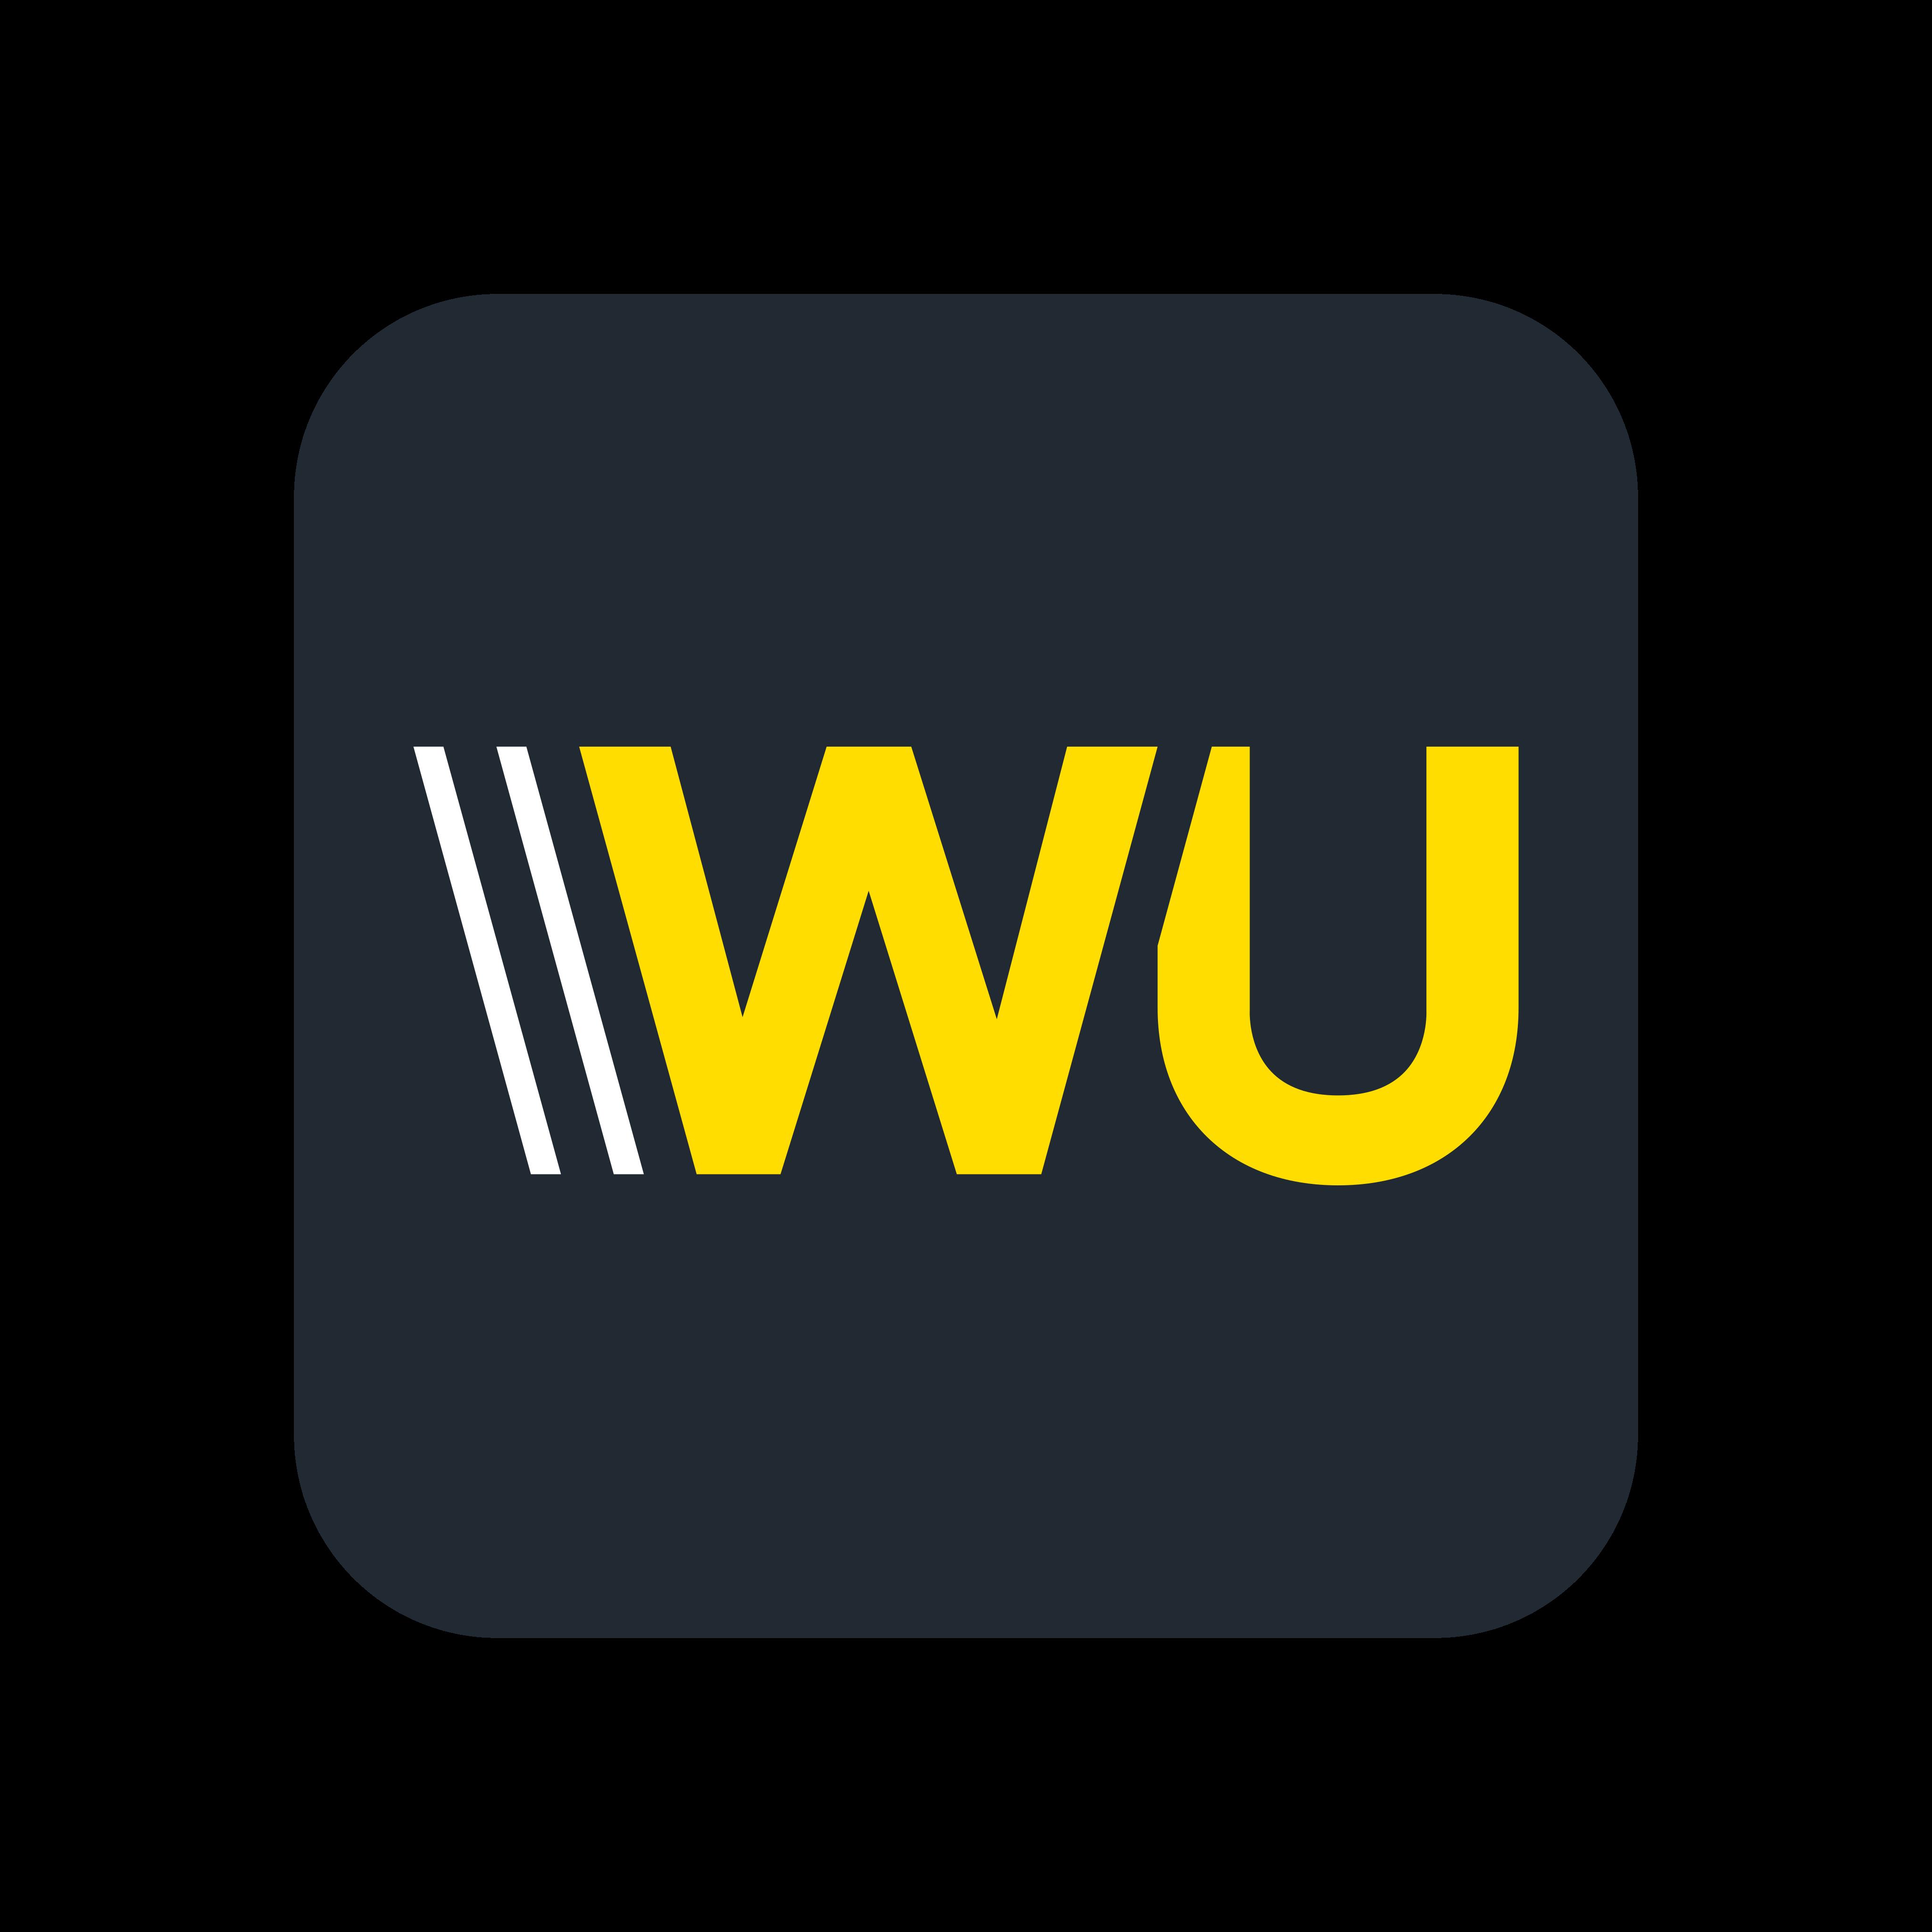 western union logo 0 - Western Union Logo